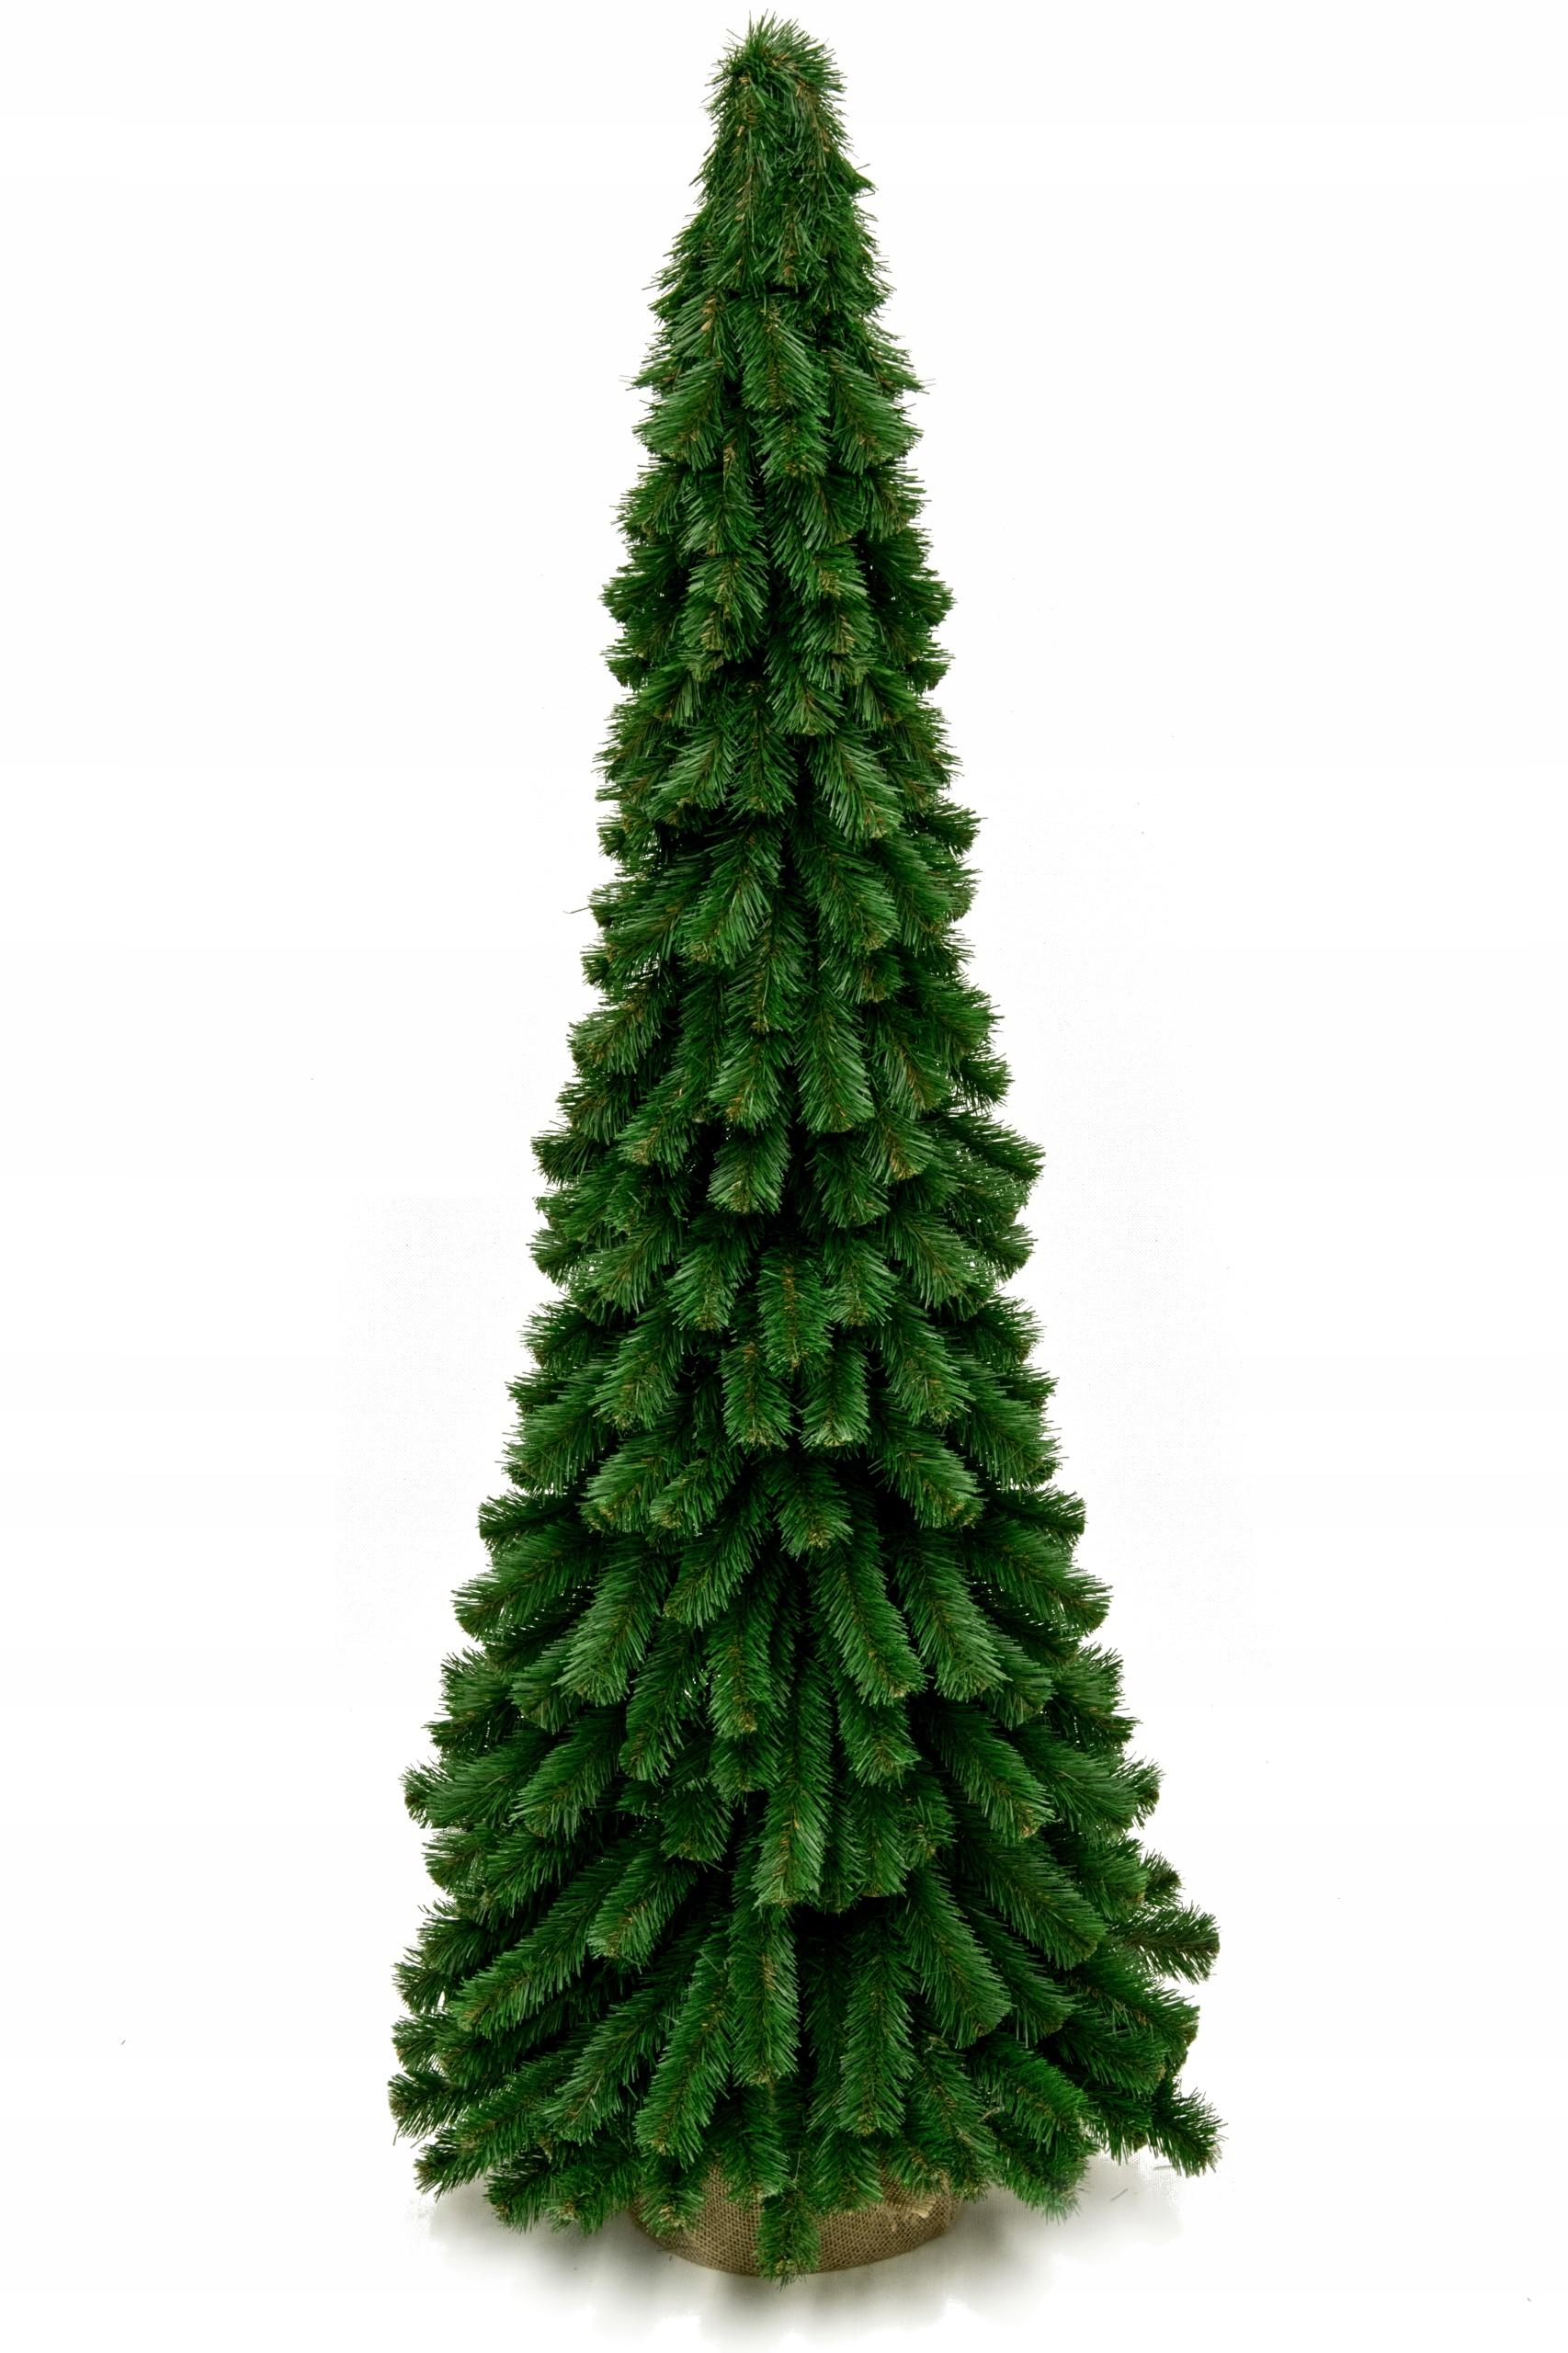 Dekoračný šiškový vianočný stromček, umelý kónický 100 cm